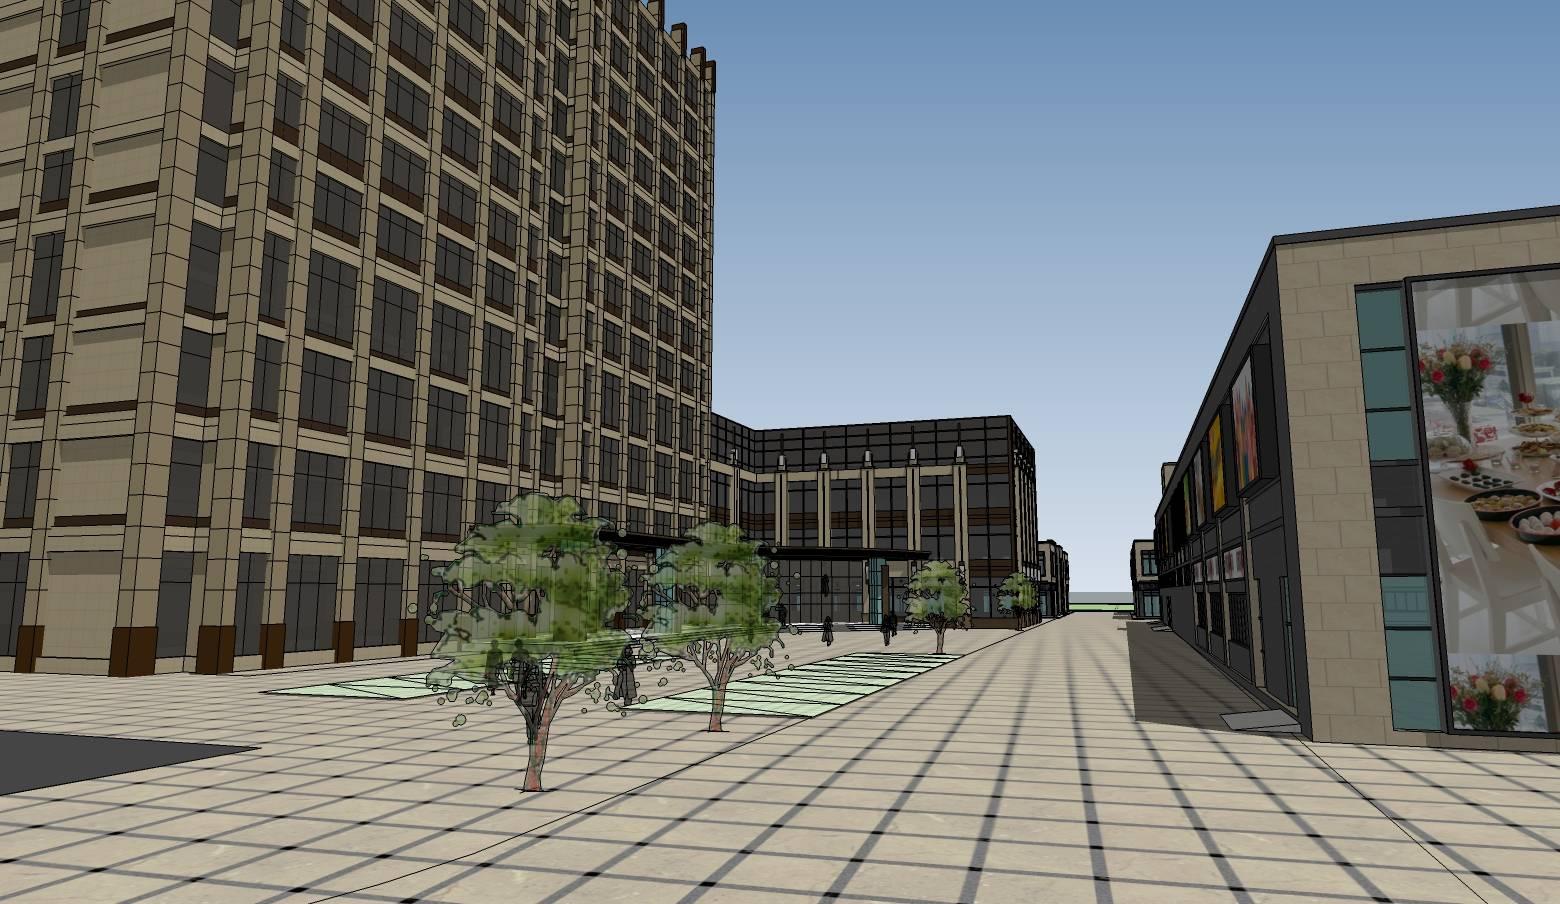 现代多层综合市场建筑及高层办公楼建筑模型